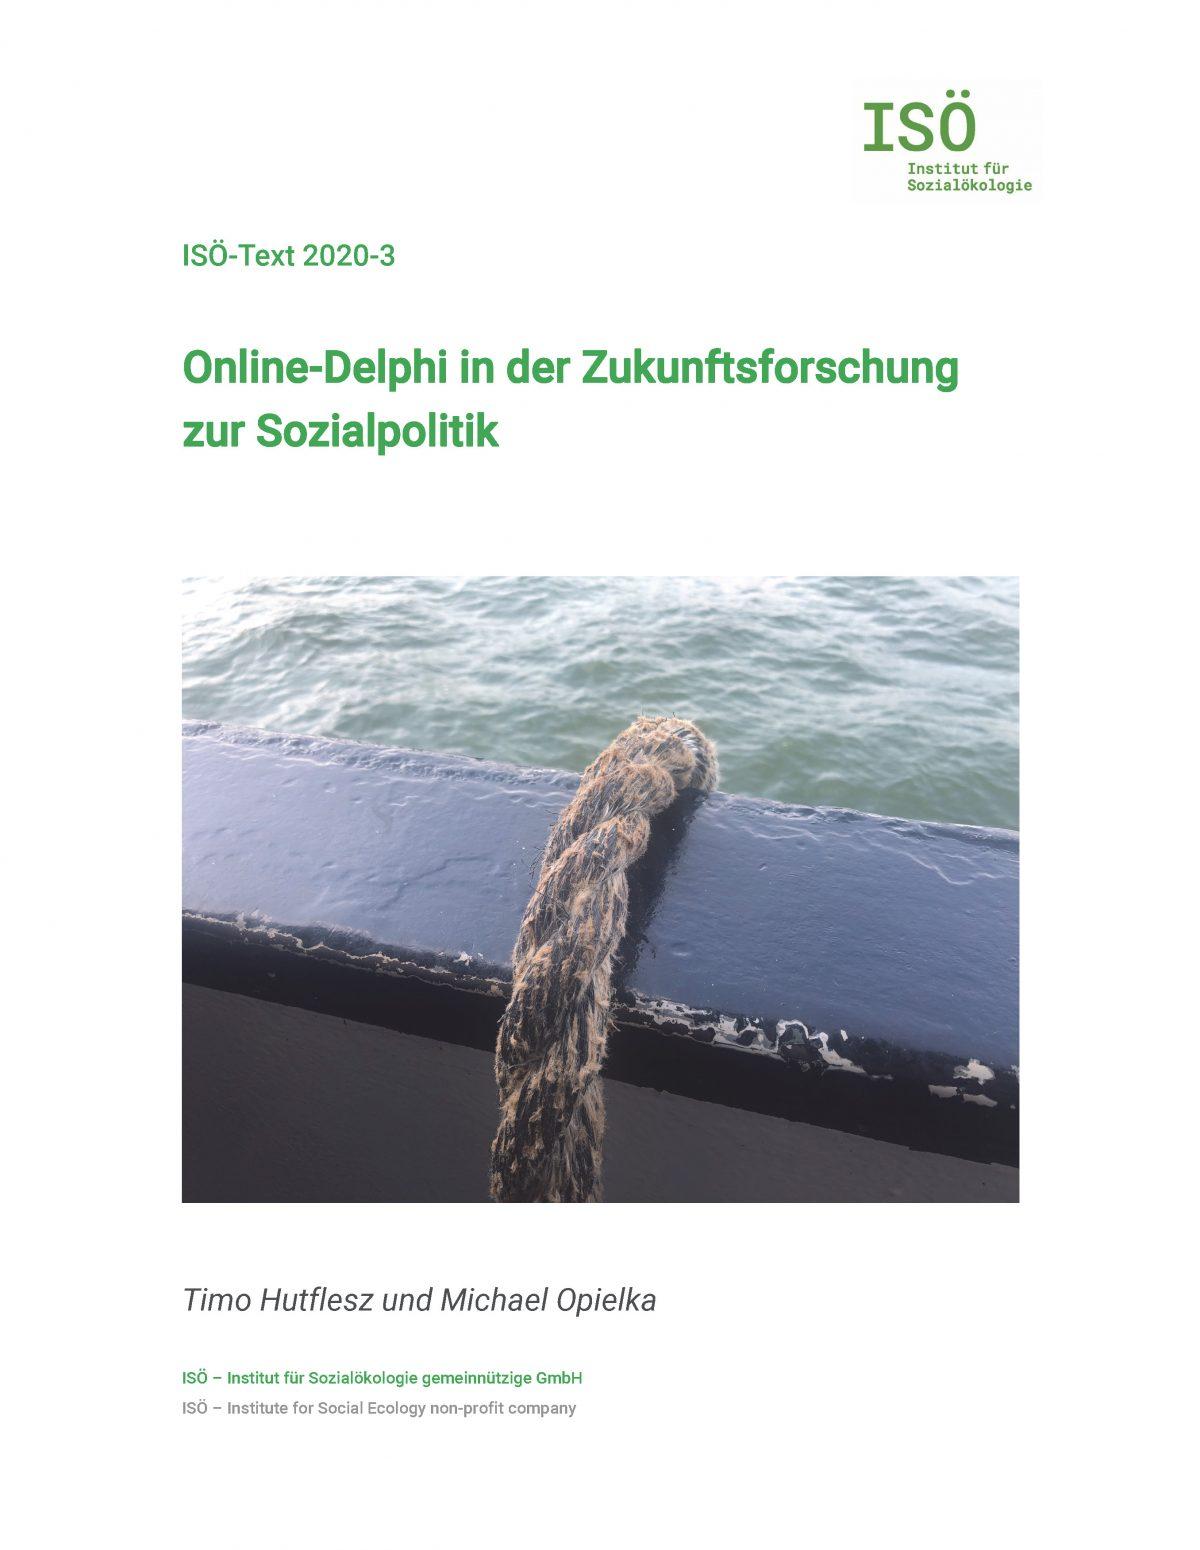 Timo Hutflesz/Michael Opielka, Online-Delphi in der Zukunftsforschung  zur Sozialpolitik (ISÖ-Text 2020-3)